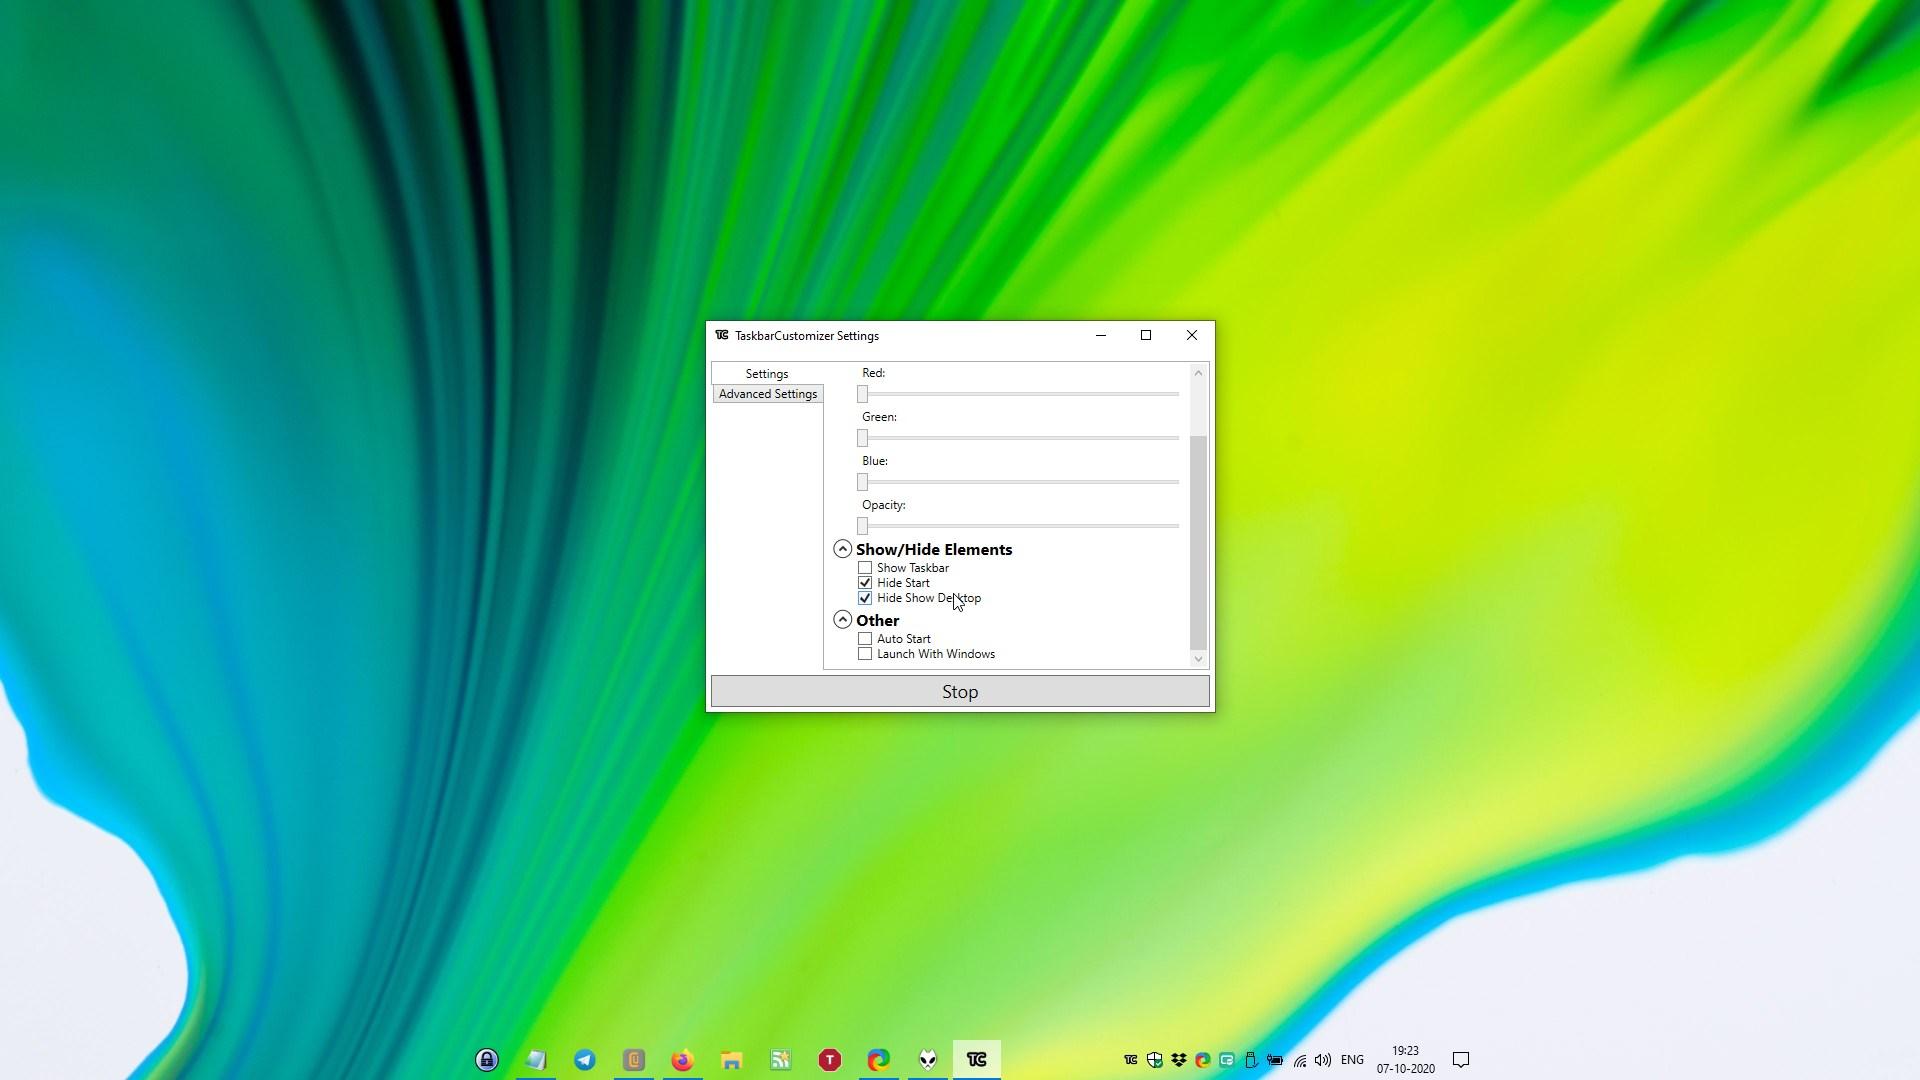 Barra de tareas La configuración del personalizador oculta el inicio y muestra el escritorio